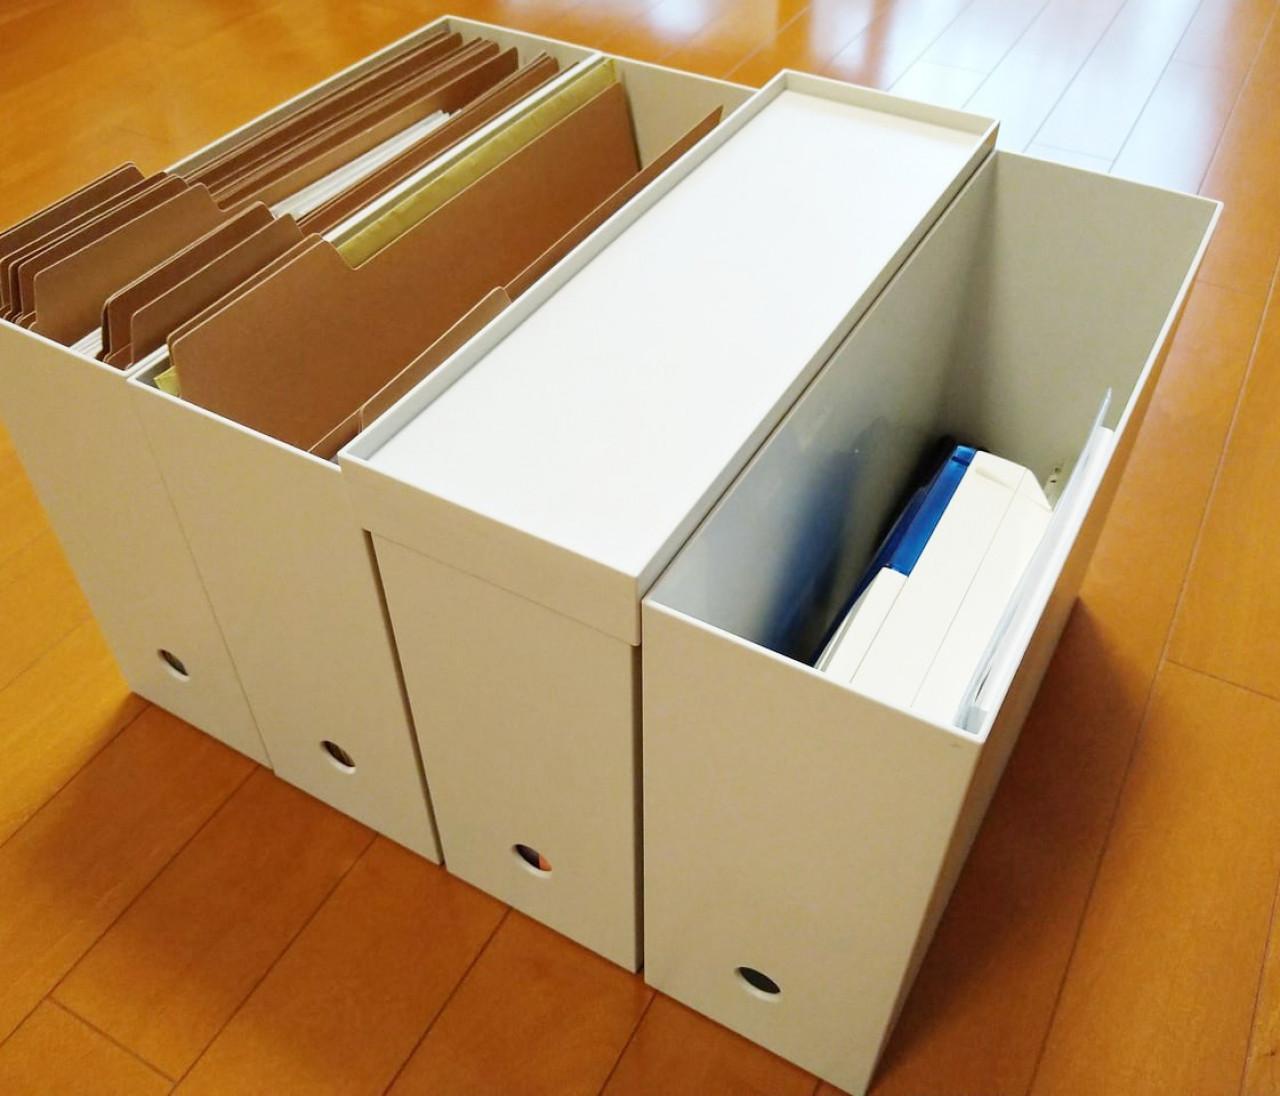 【無印良品】おしゃれな収納グッズ・ファイルボックスの活用法を紹介!